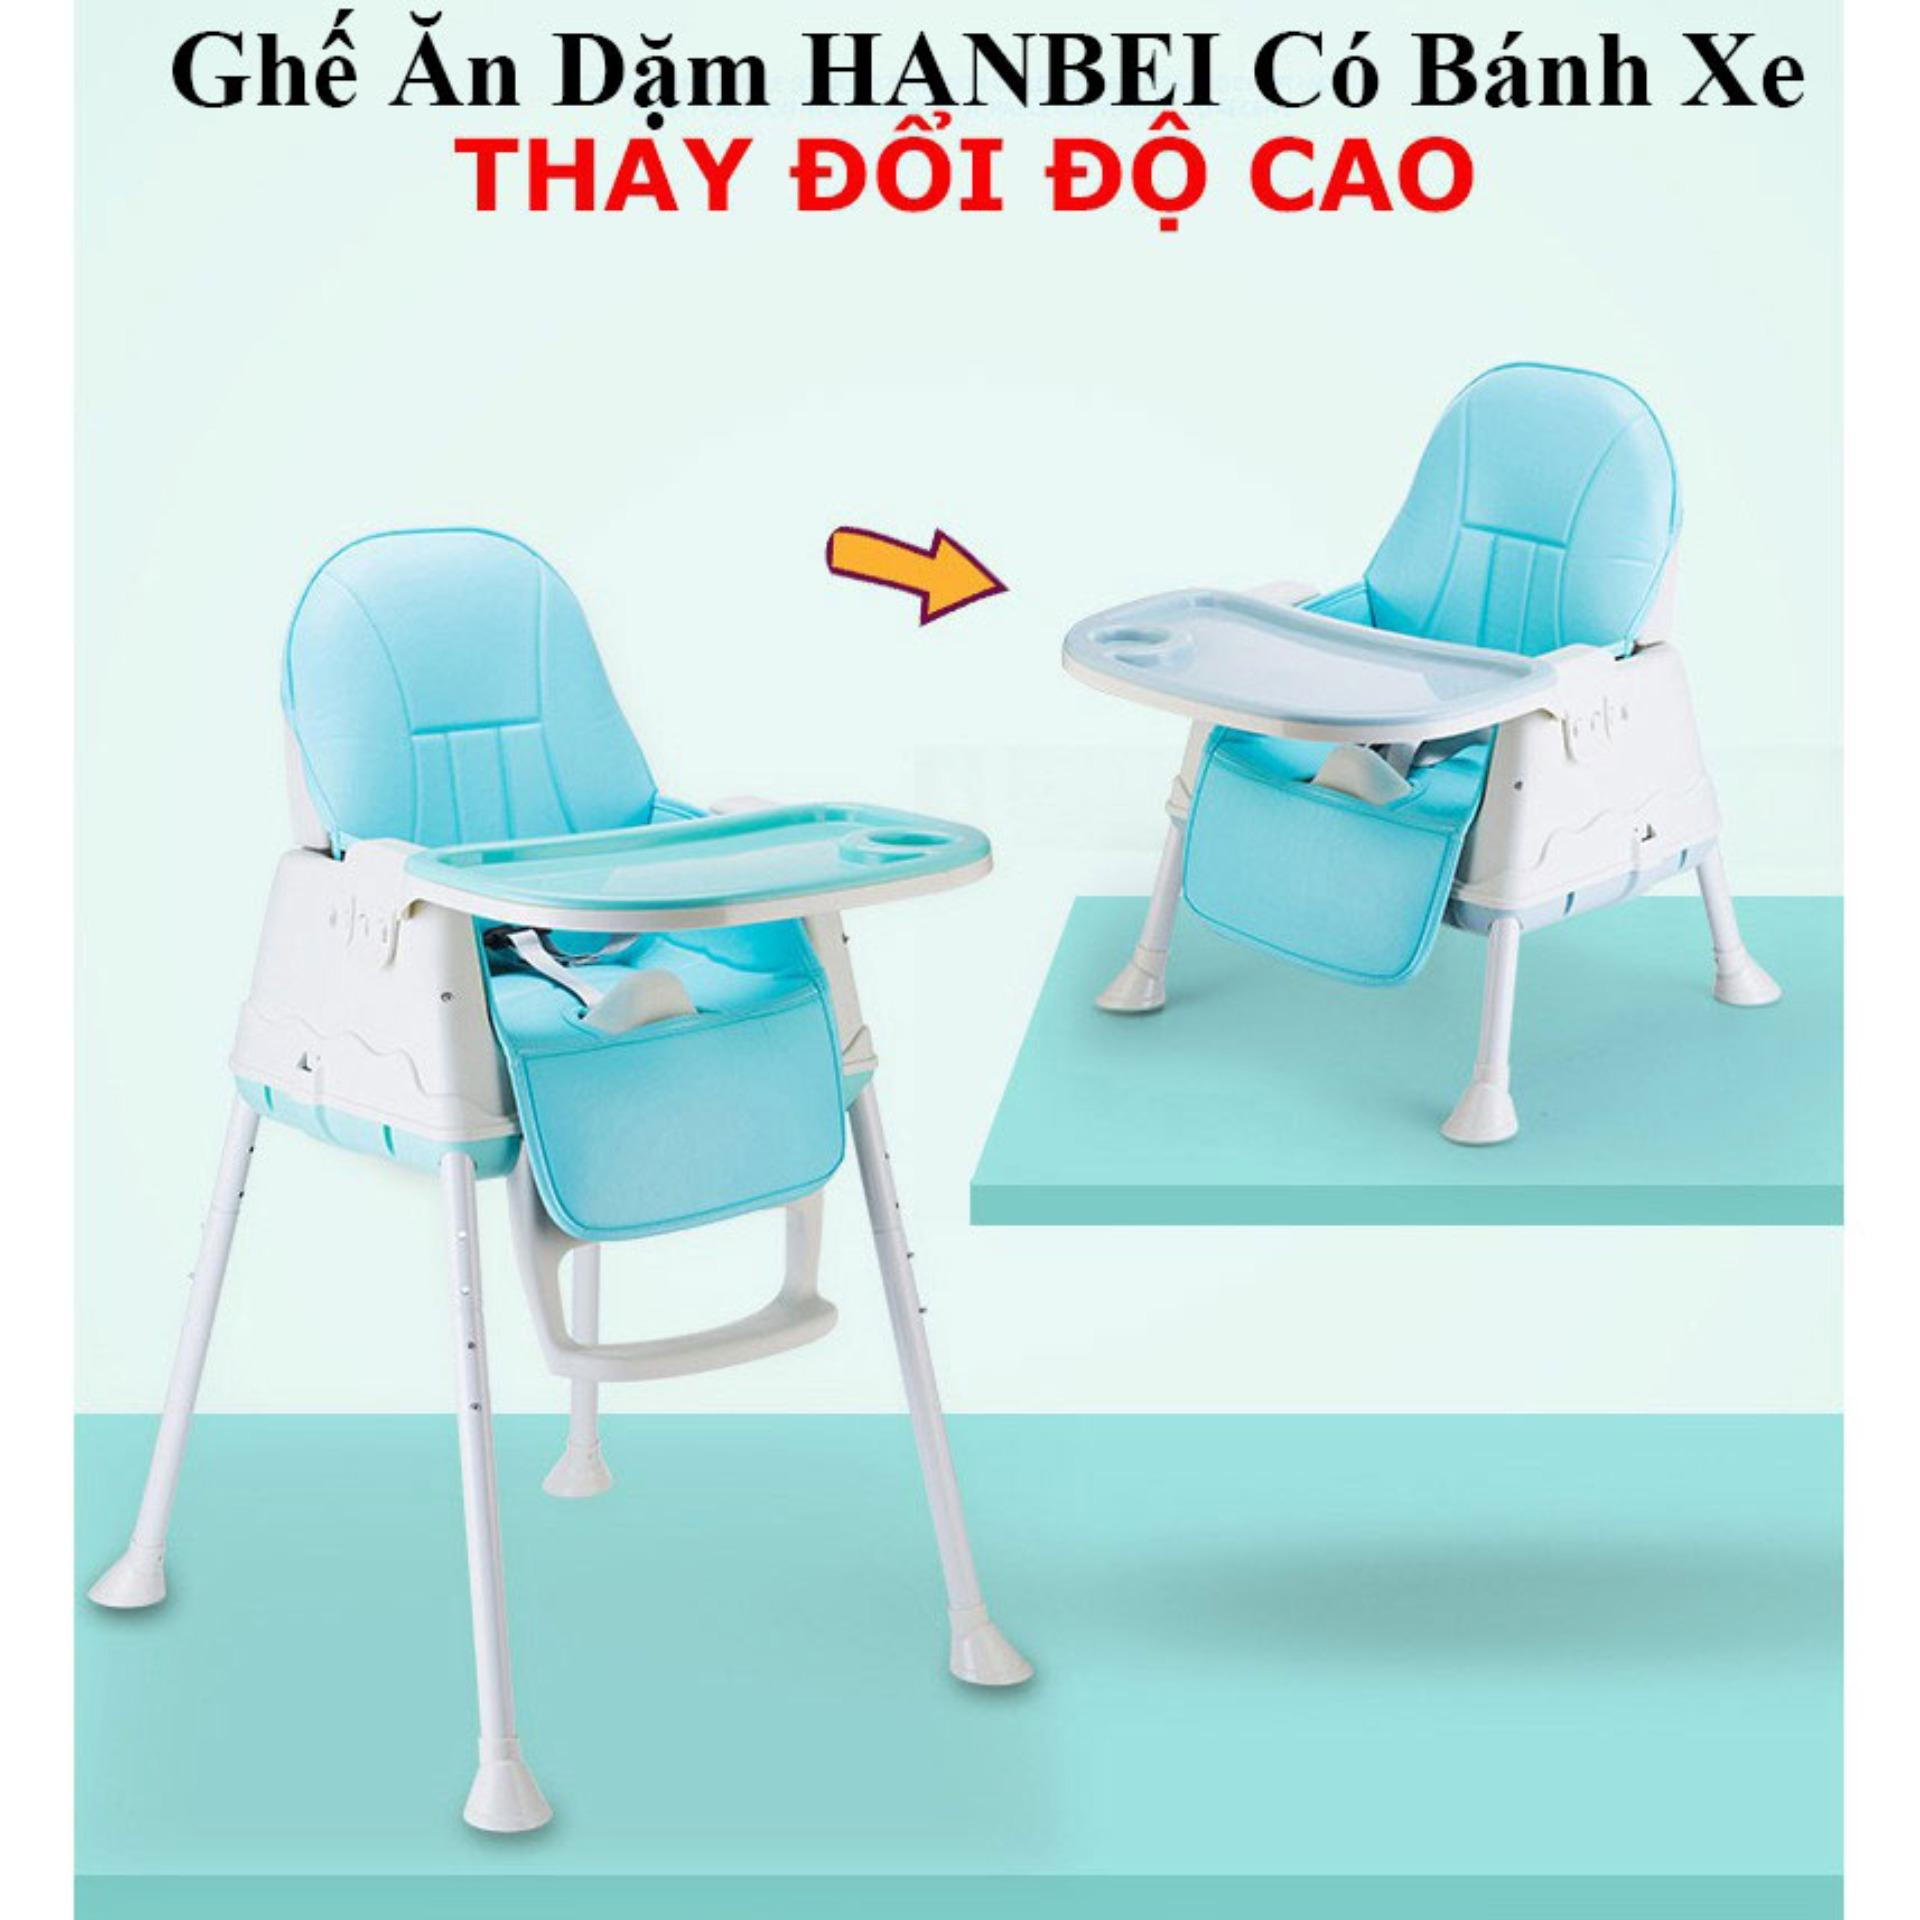 Bộ bàn ghế ăn cho bé-Ghe nhua cho be-GHẾ ĂN DẶM CHÂN NGẮN CAO CẤP CÓ ĐAI GIỮ AN TOÀN CHO BÉ YÊU.Giảm giá tới 50%,bảo hành tới 12 tháng 1 đổi 1 trong vòng 7 ngày